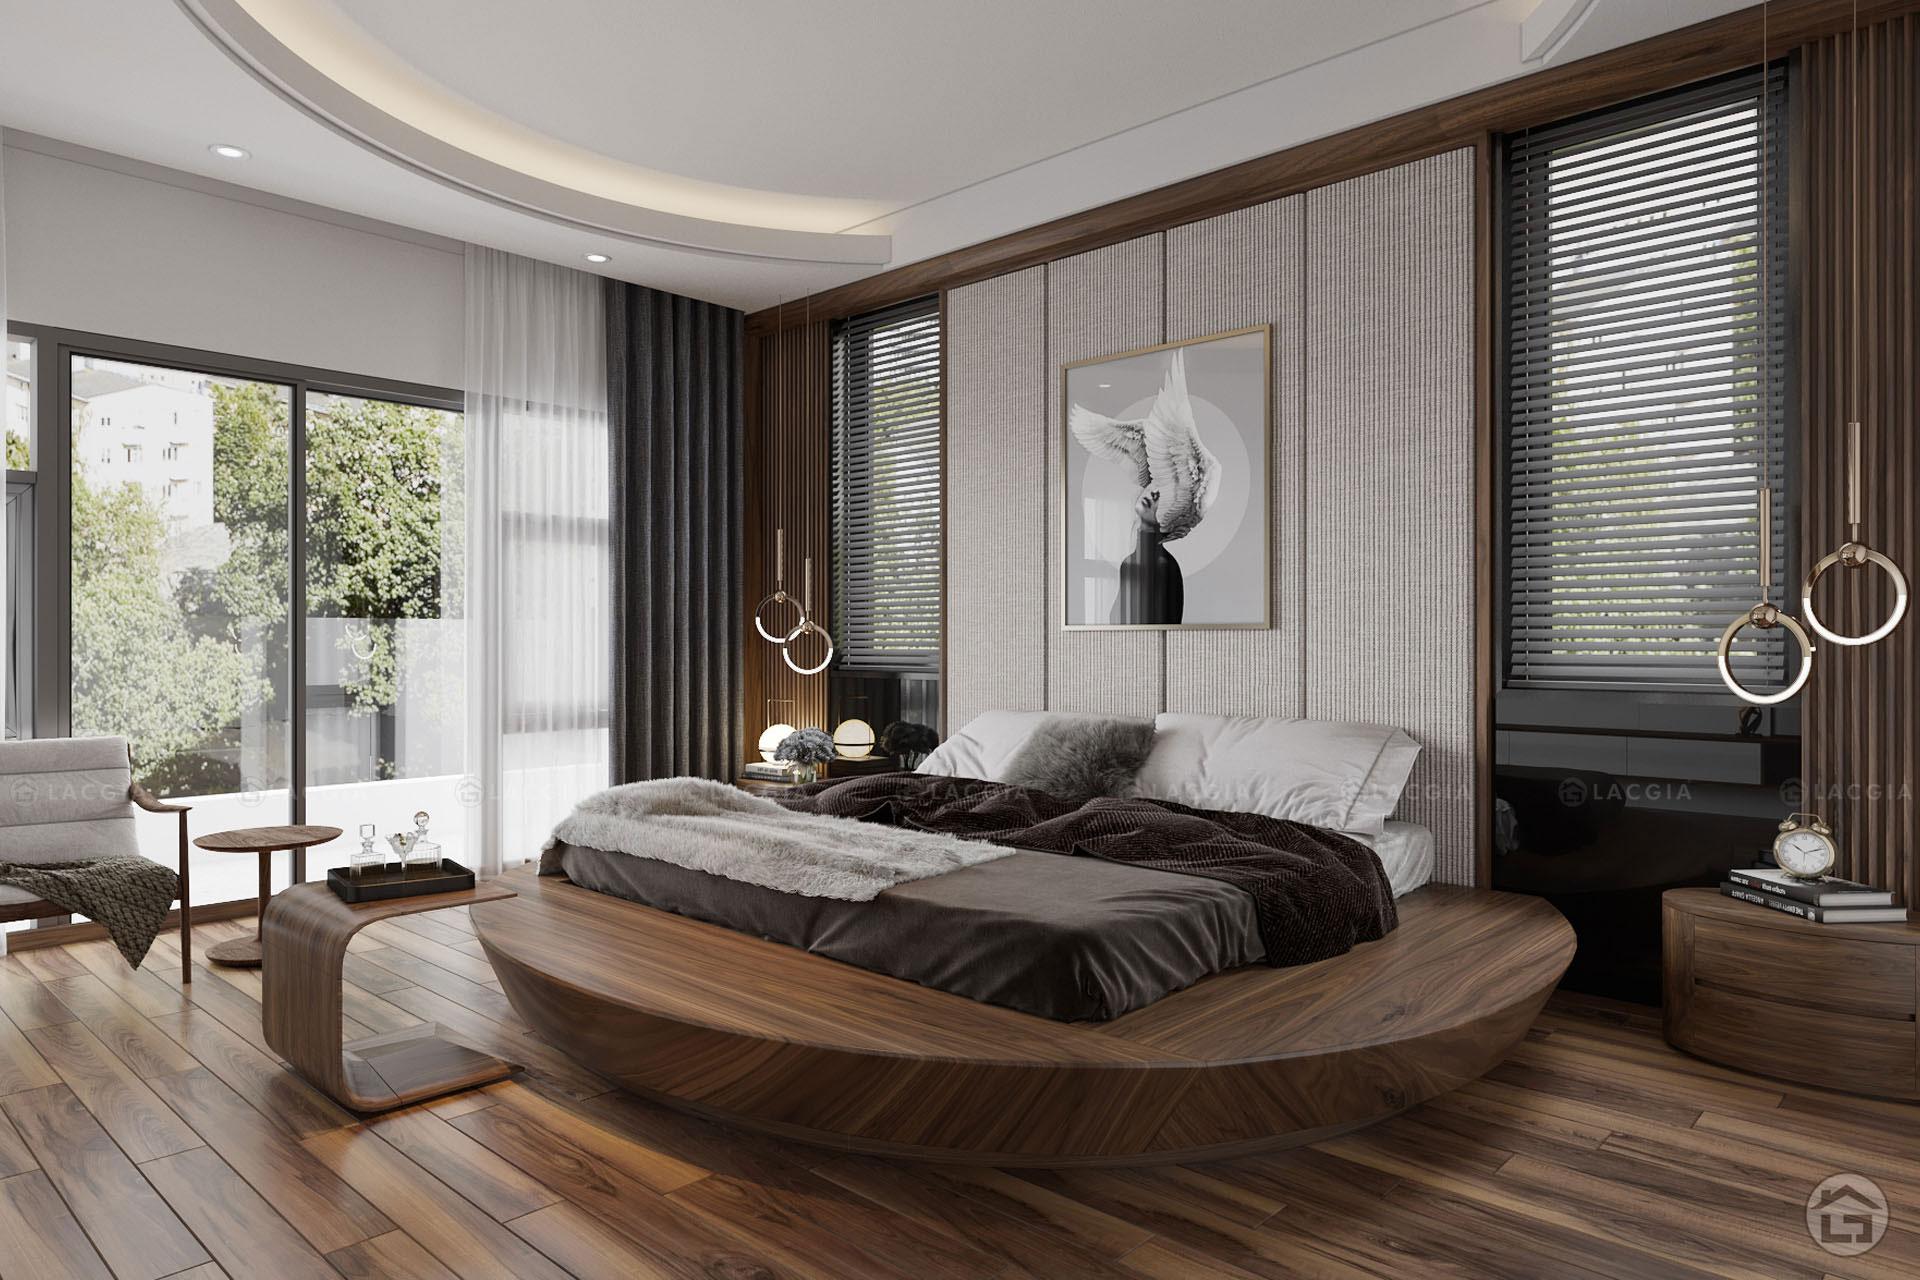 Kê giường ngủ đúng phong thủy đem lại may mắn, tốt lành